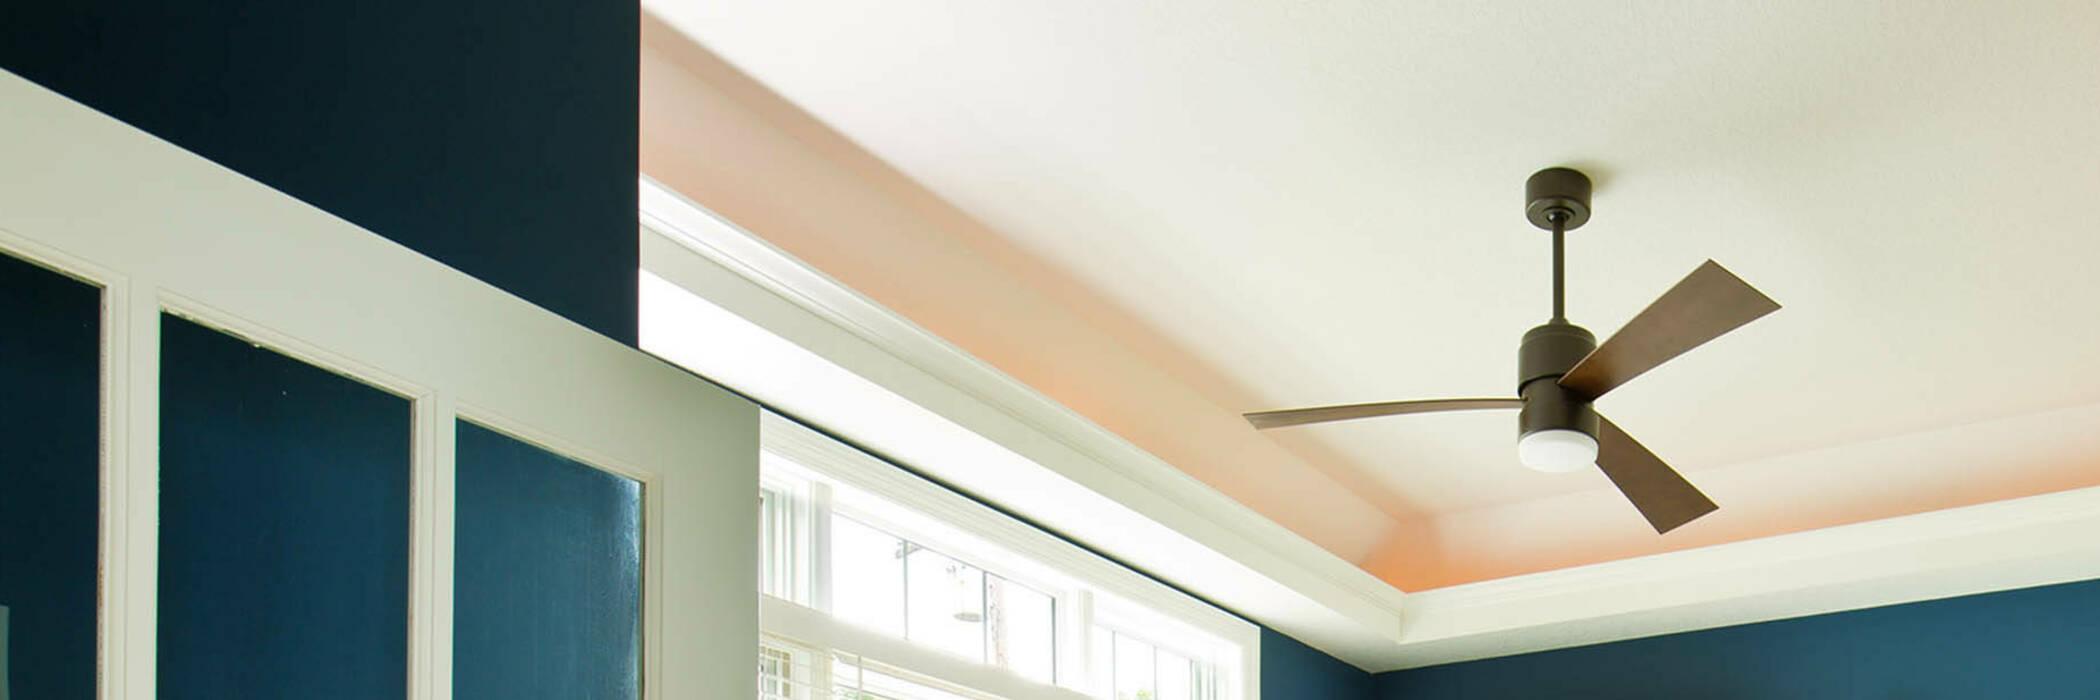 20jun use your ceiling fan hero